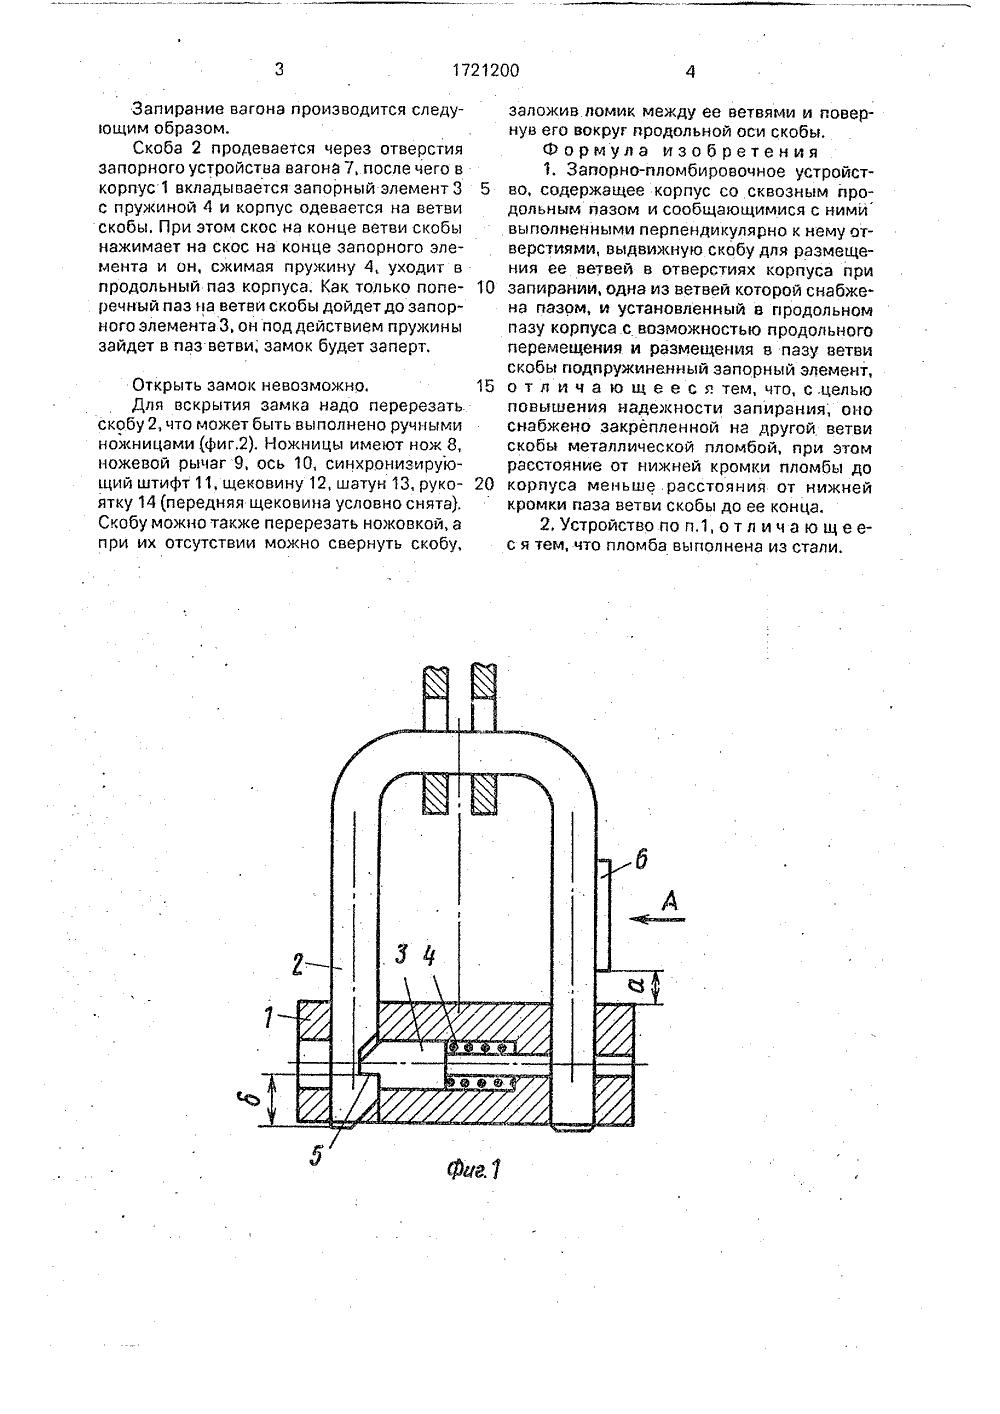 устройство код запорно-пломбировочное окдп